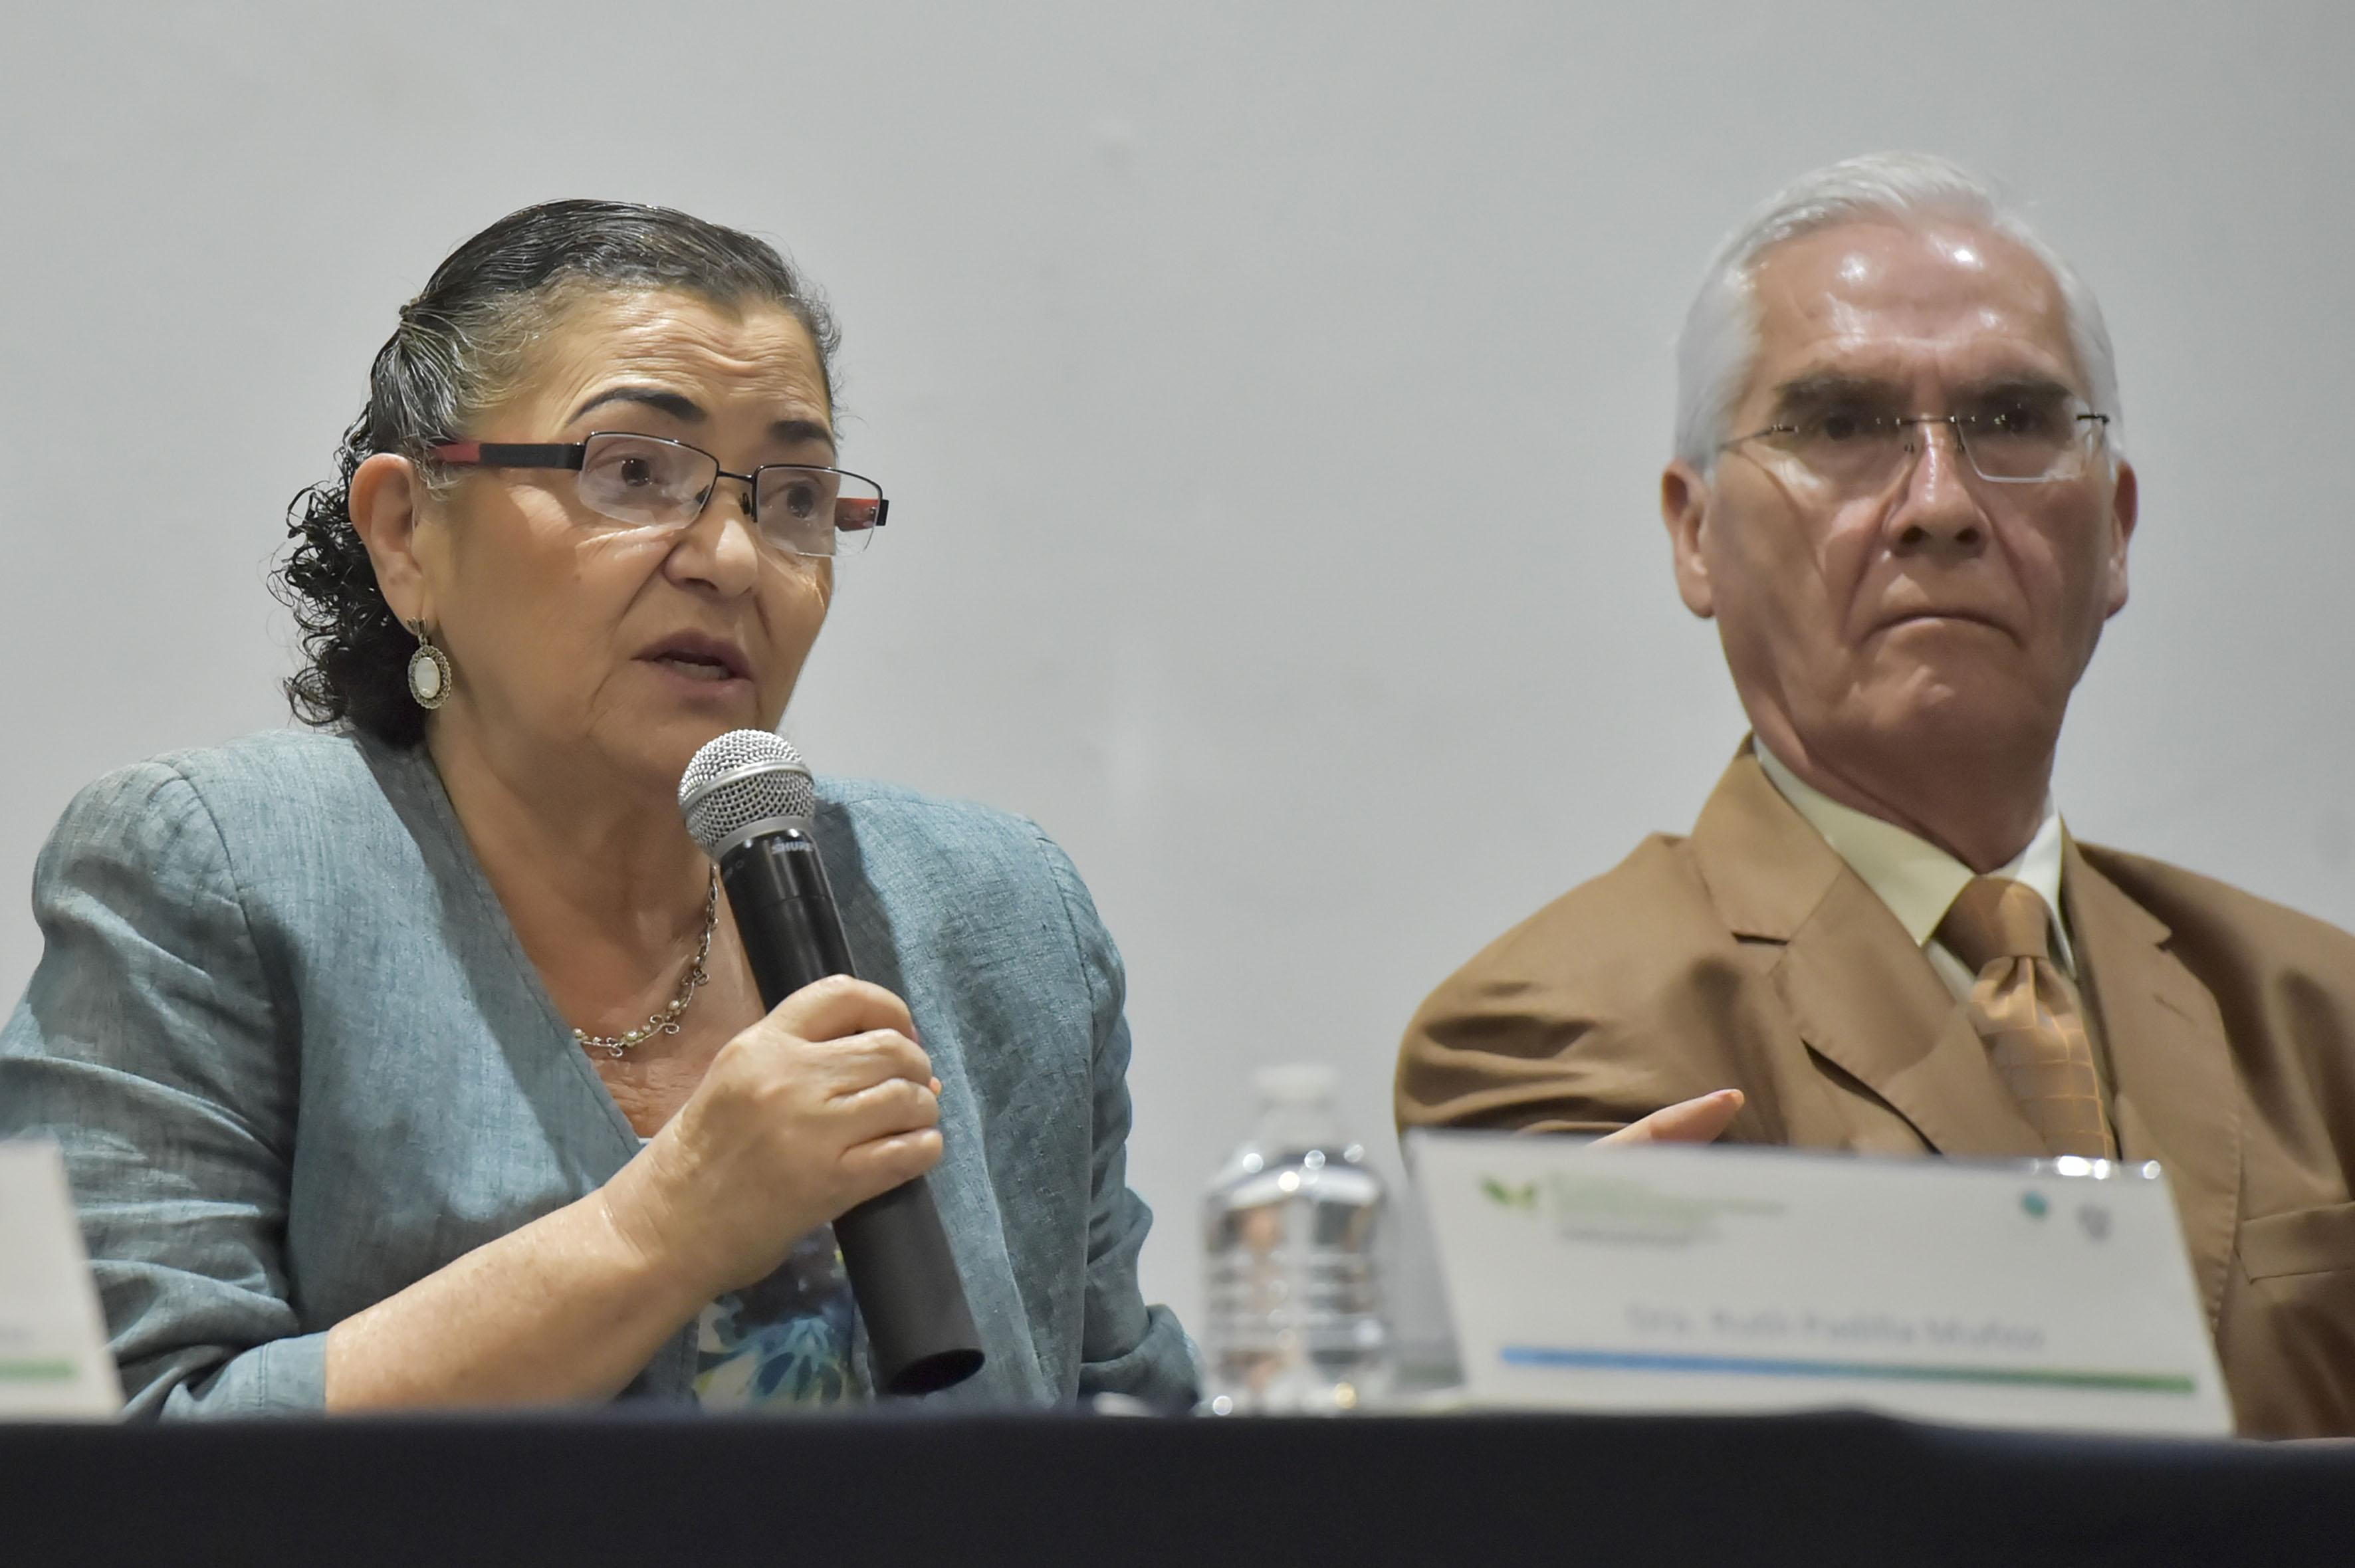 Rectora del Centro Universitario de Ciencias Exactas e Ingenierías, doctora Ruth Padilla Muñoz, con micrófono en mano haciendo uso de la palabra.